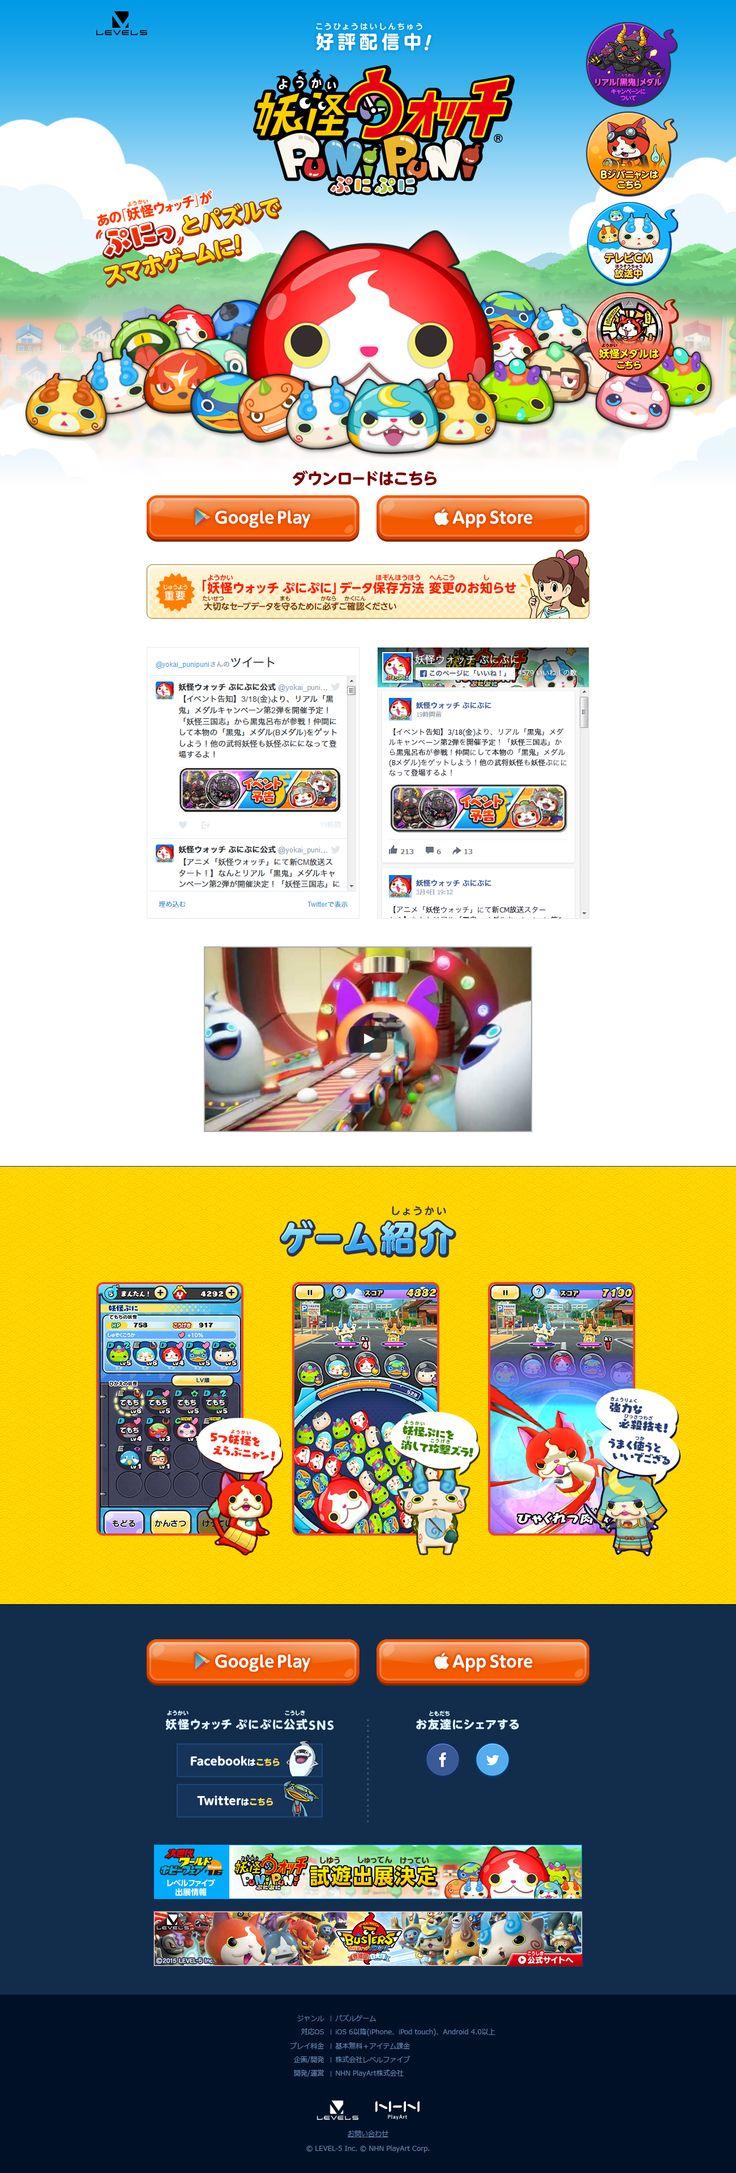 YO-KAI Watch PUNIPUNI(Japanese) #WebDesign